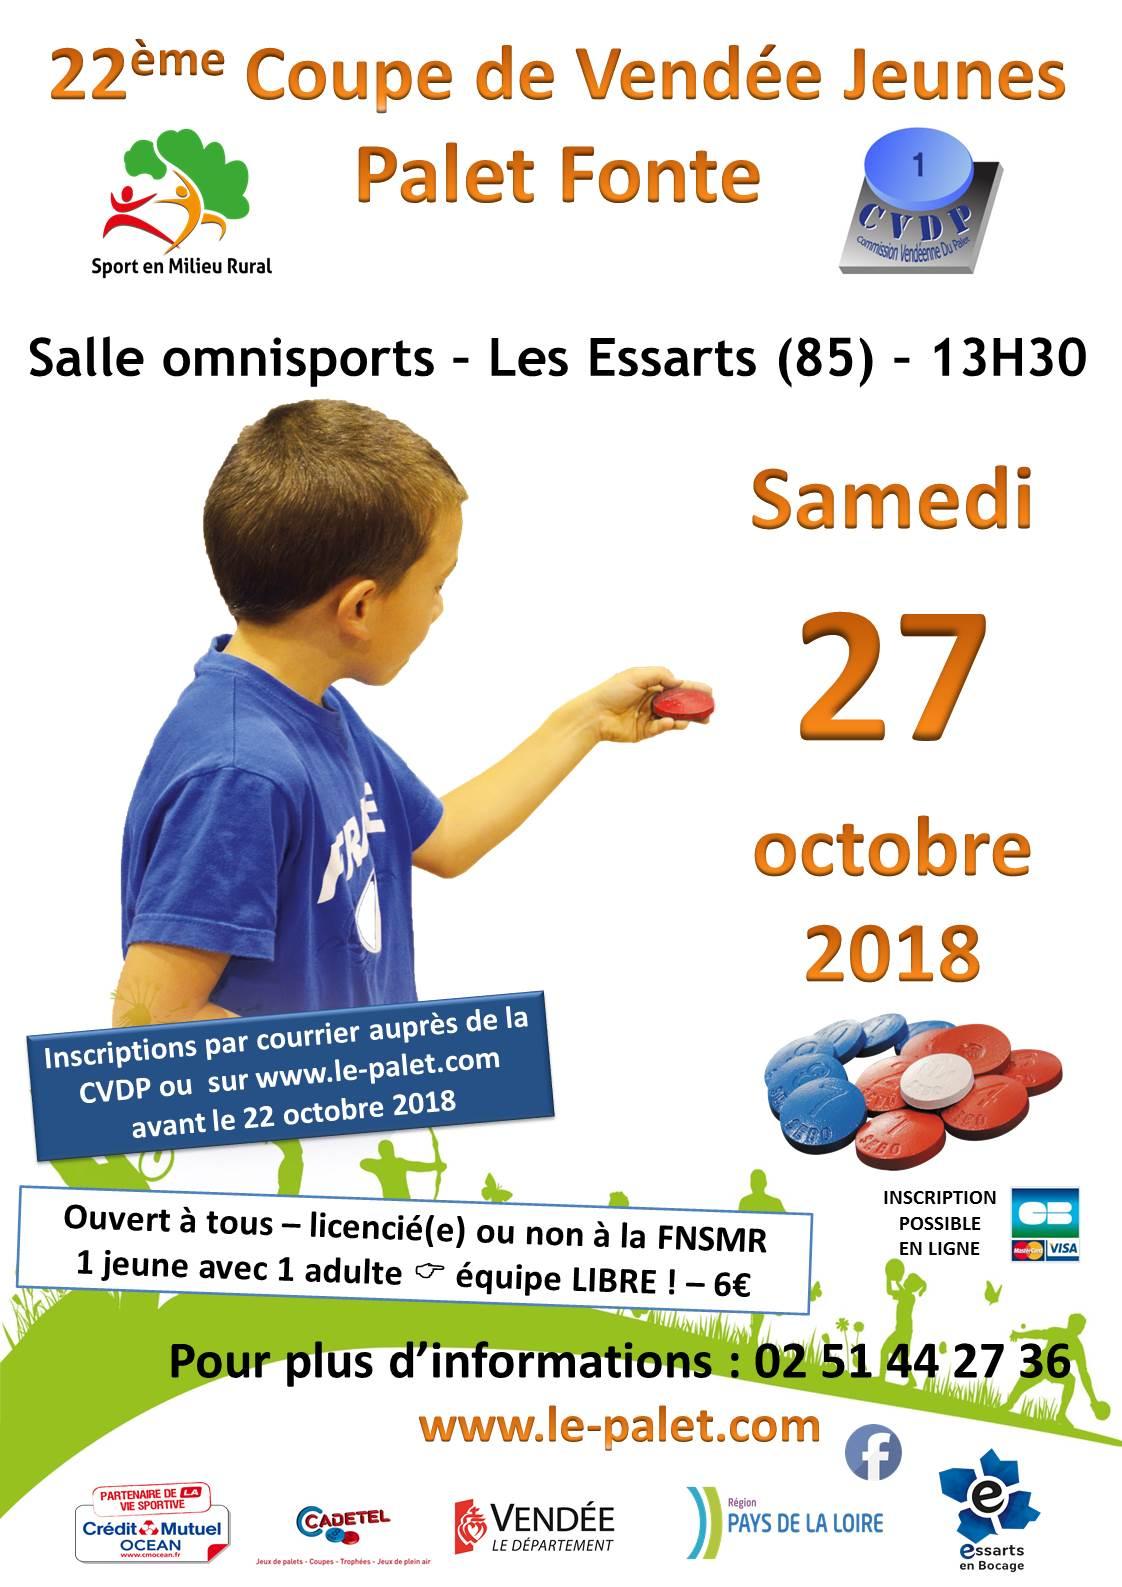 Coupe de Vendée Jeunes 2018 ! Inscriptions